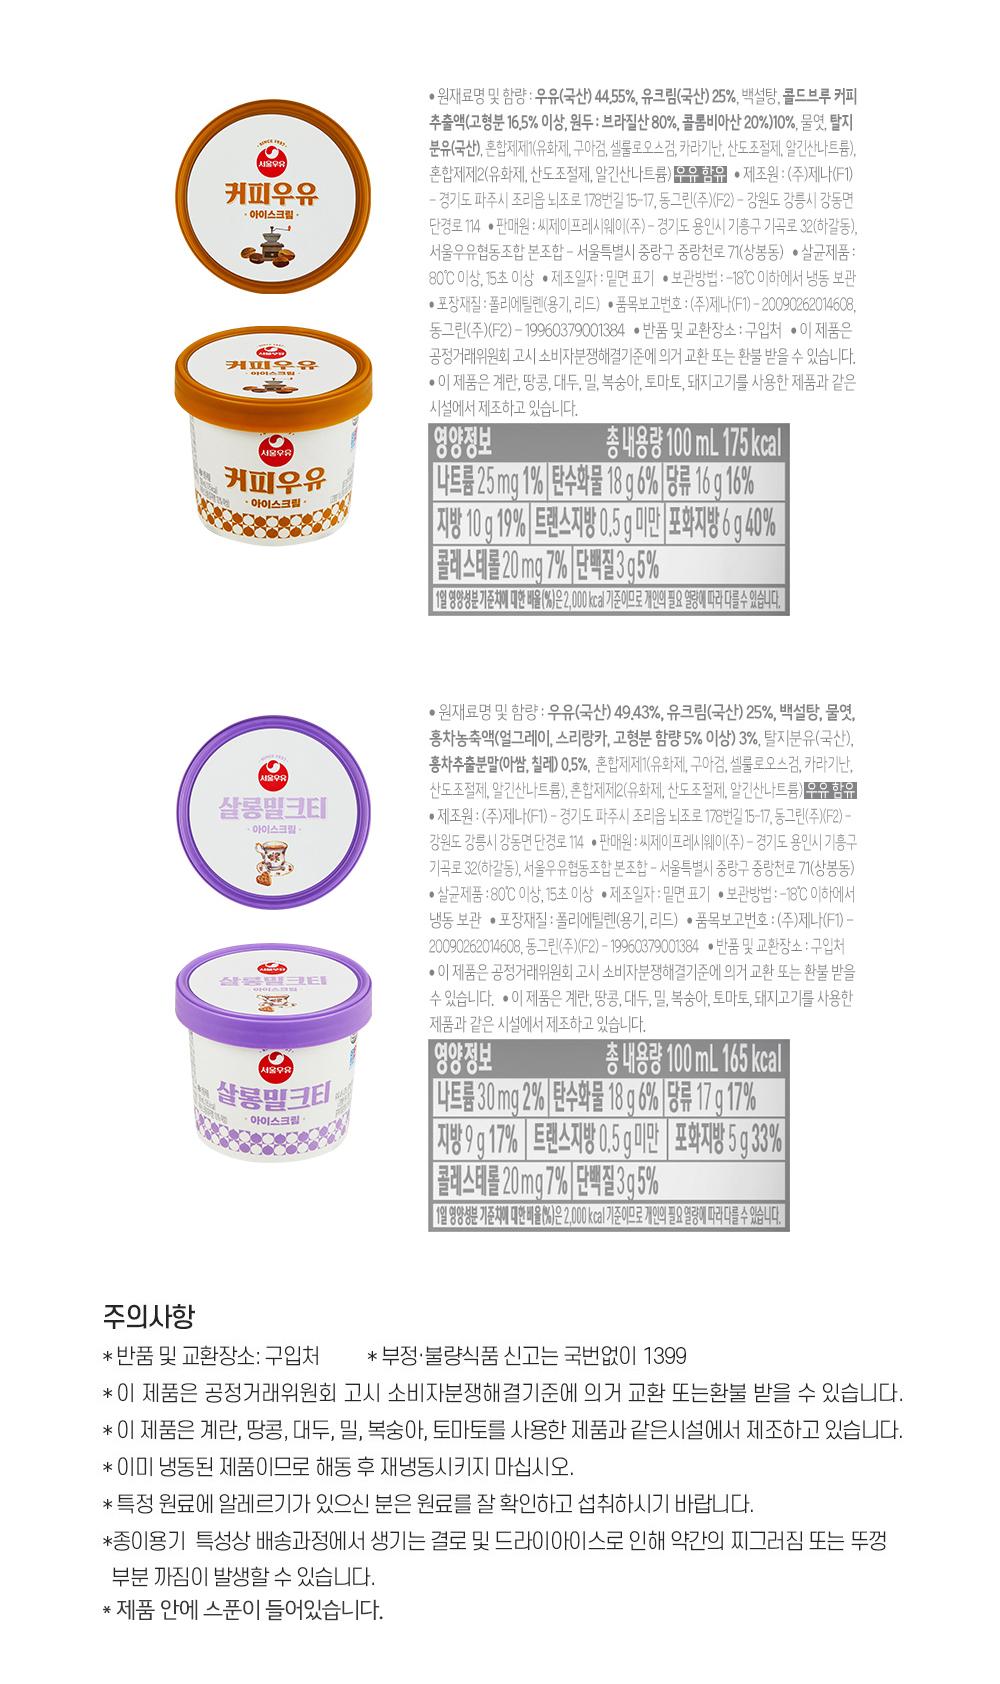 플레이버-우유아이스크림-100ml_10.jpg